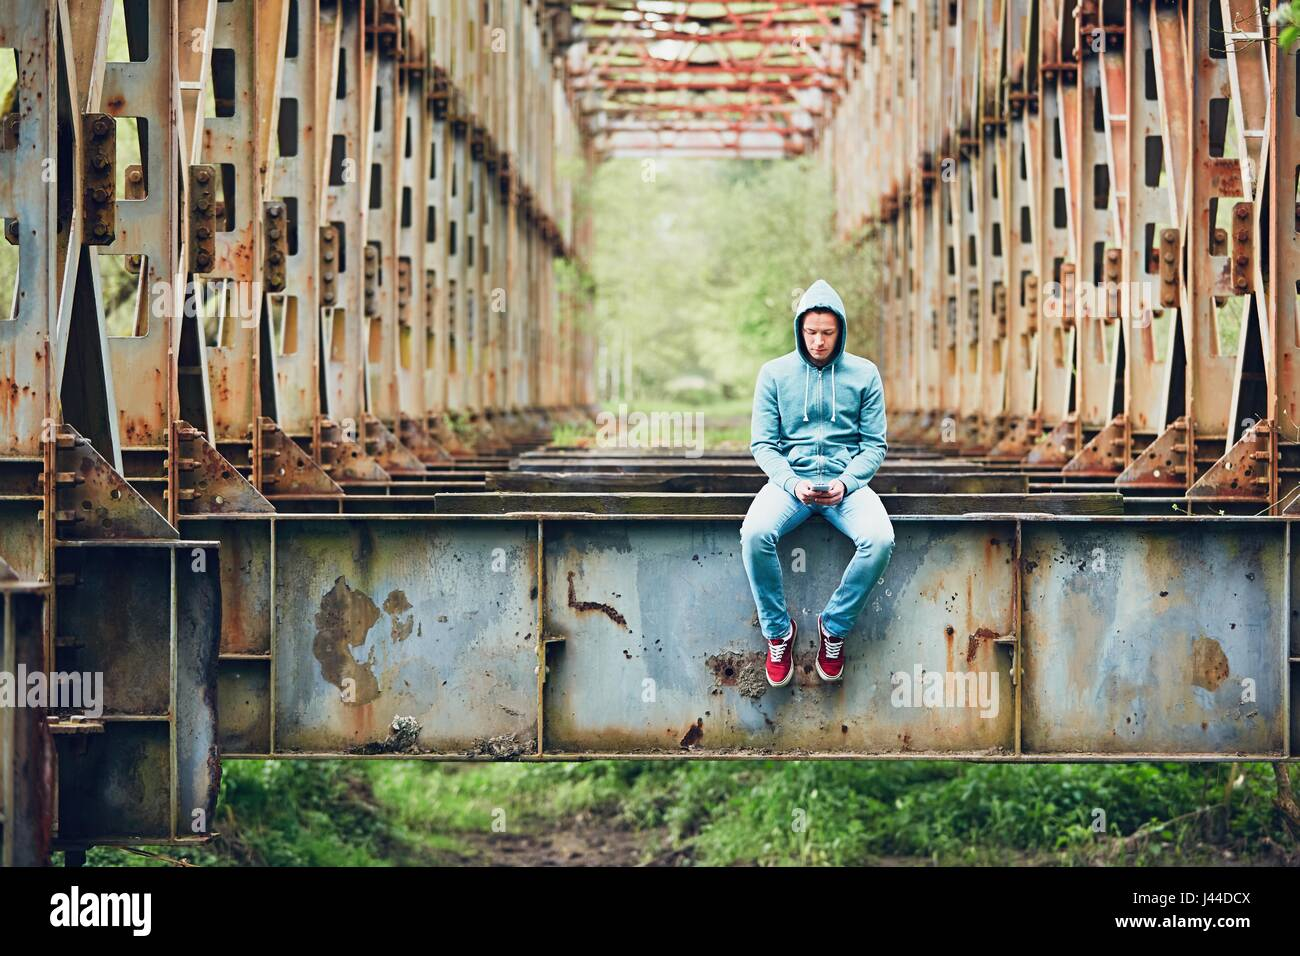 Trauriger Mann mit Handy auf der verlassenen rostigen Brücke. Konzept für Traurigkeit, Einsamkeit, Verbindung Stockbild